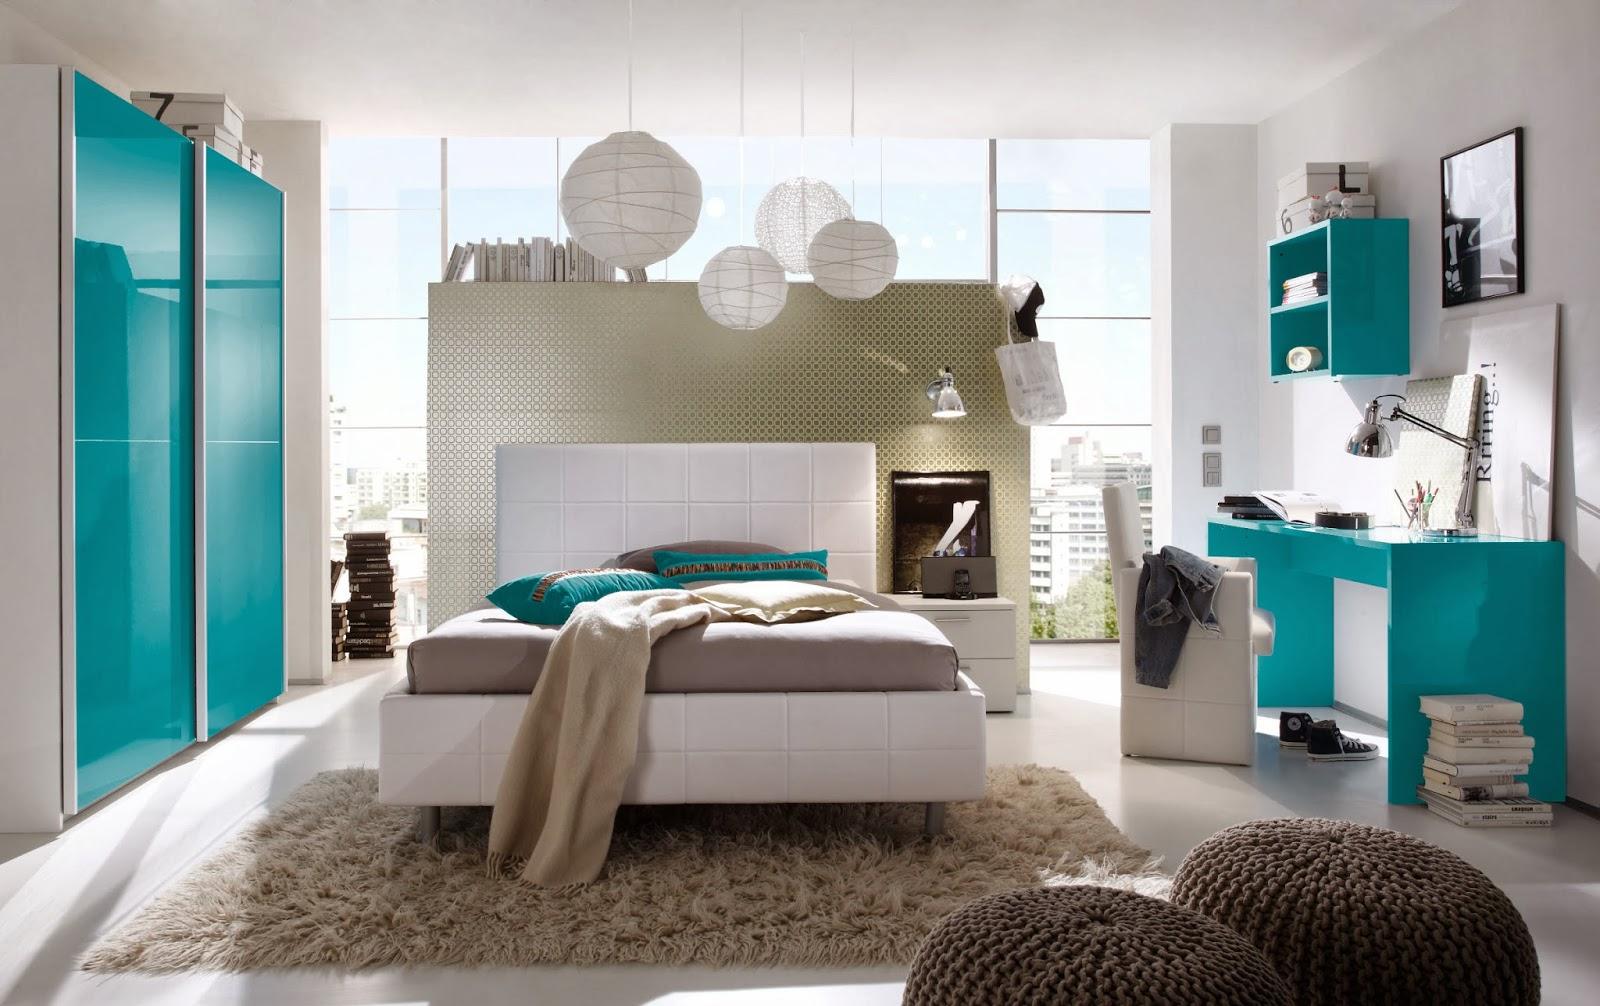 Dormitorios en gris y turquesa dormitorios colores y estilos for Dormitorio turquesa